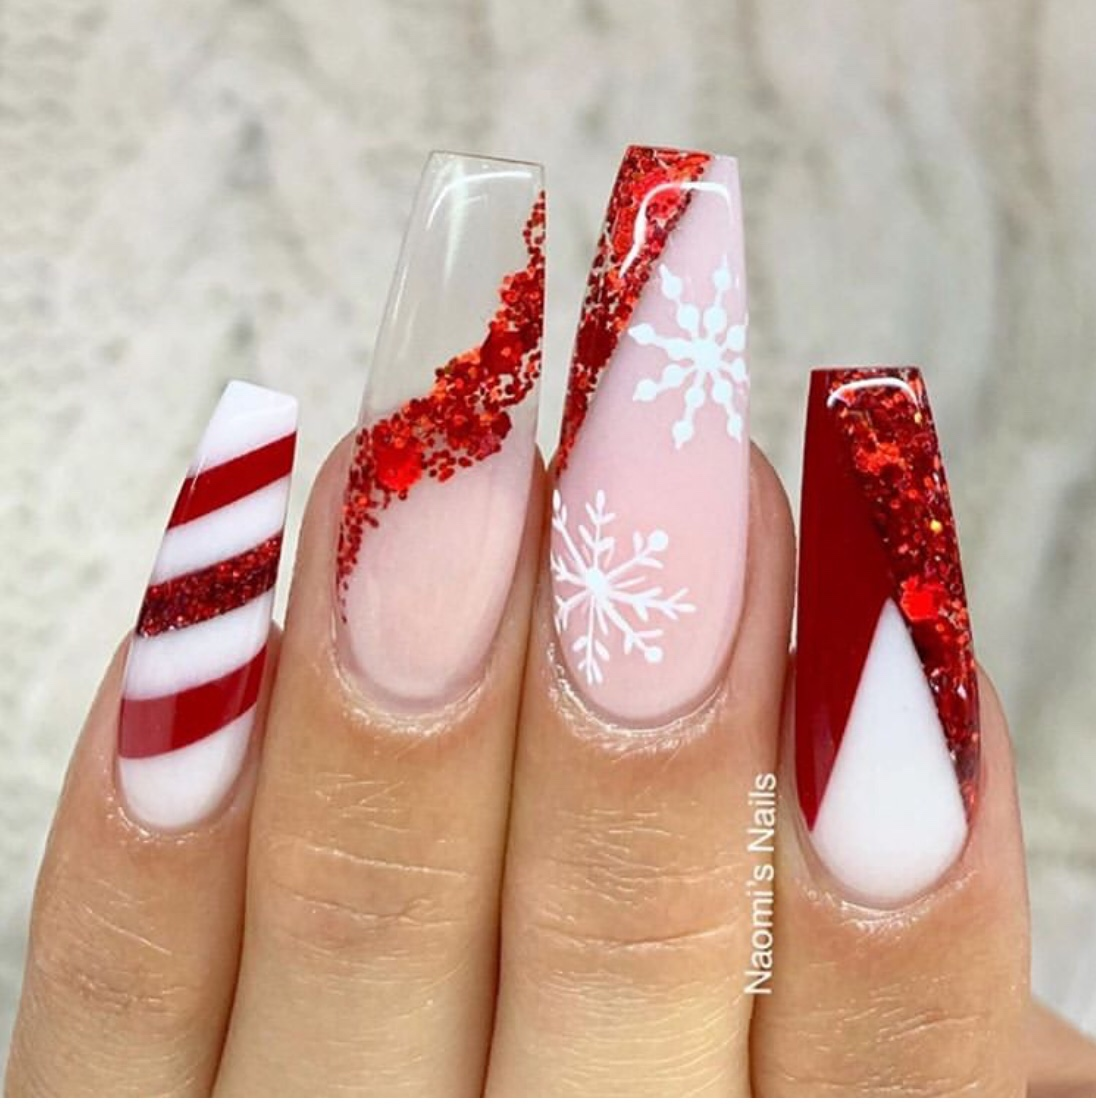 2019 Christmas nails